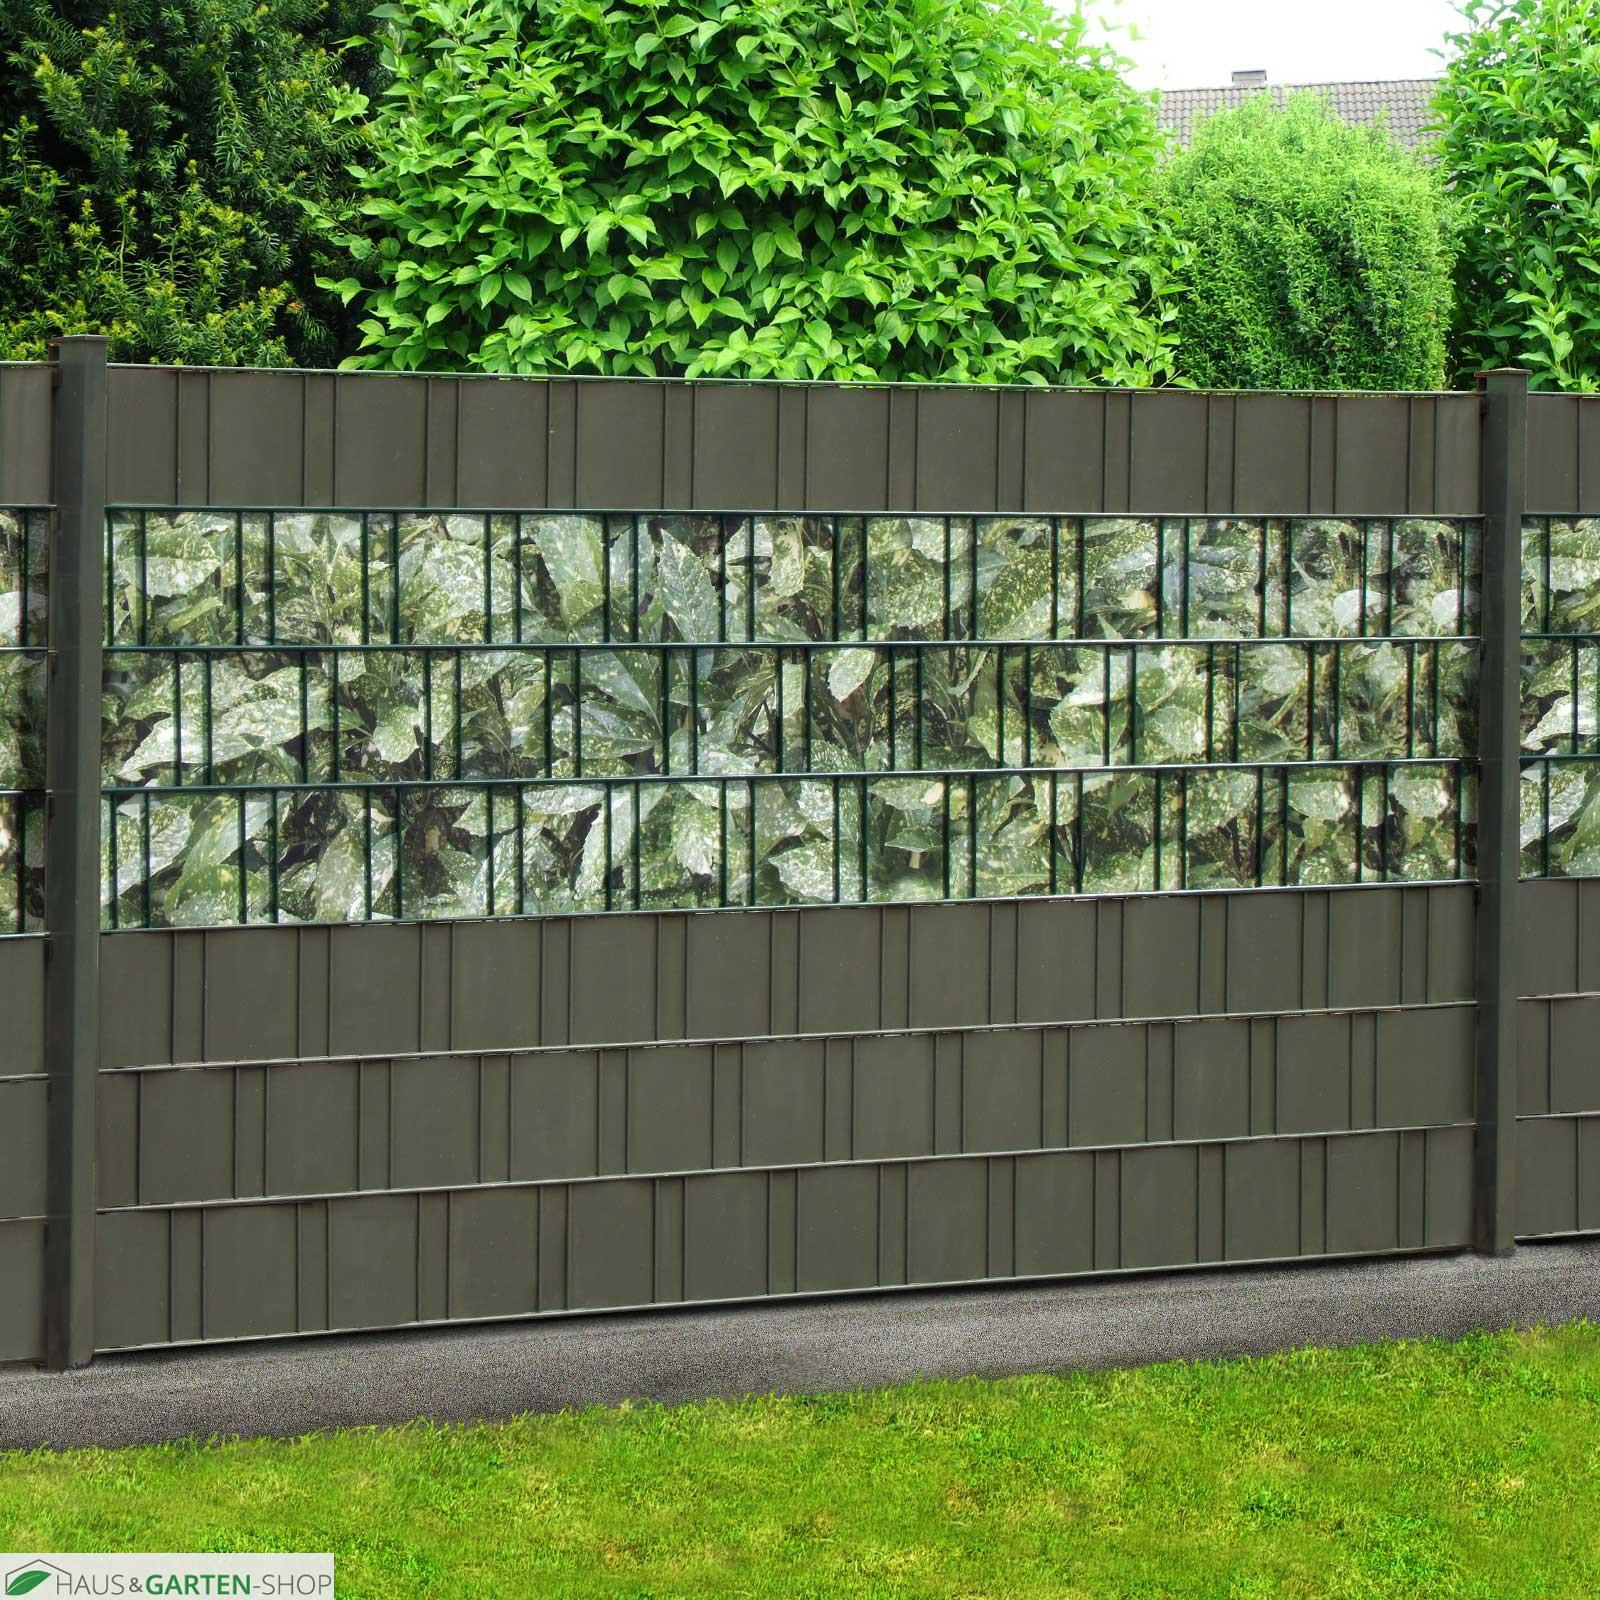 m tec print weich pvc sichtschutzstreifen aukube hecke. Black Bedroom Furniture Sets. Home Design Ideas